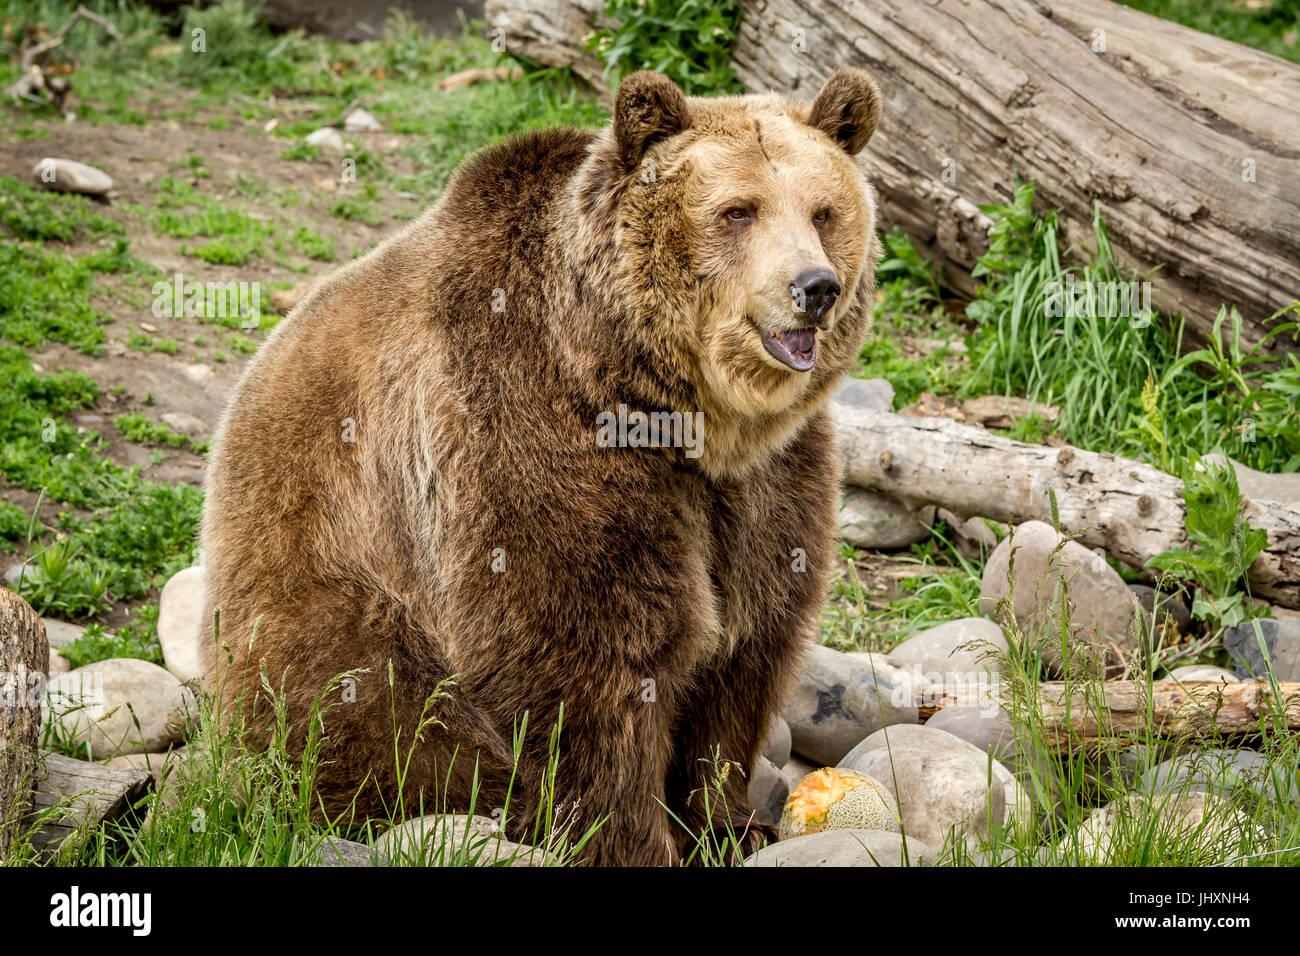 Eine Gefangene Grizzlybär in Montana ist durch Felsen sitzen. Stockbild